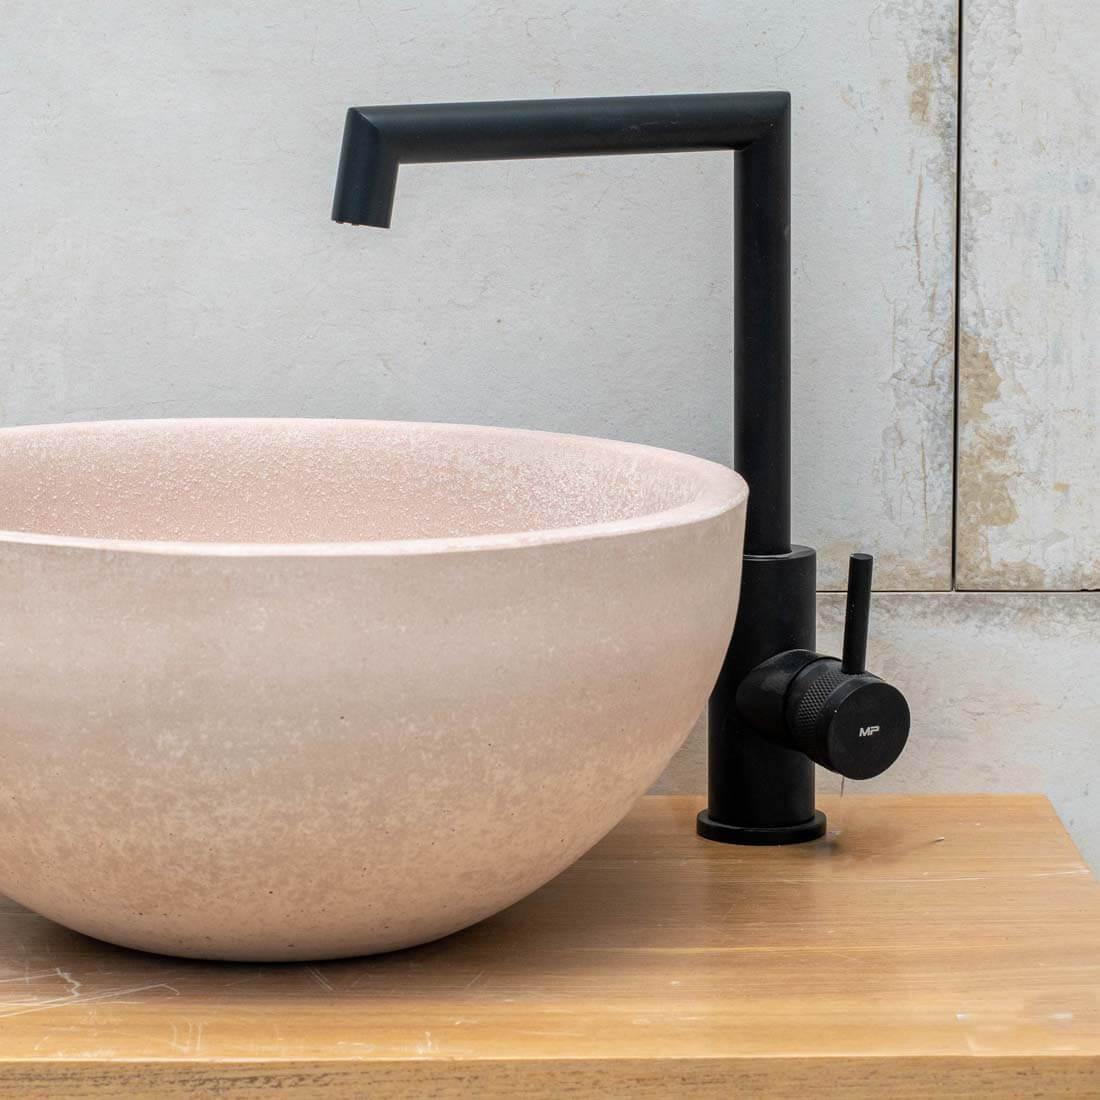 ברז אמבטיה צבע שחור